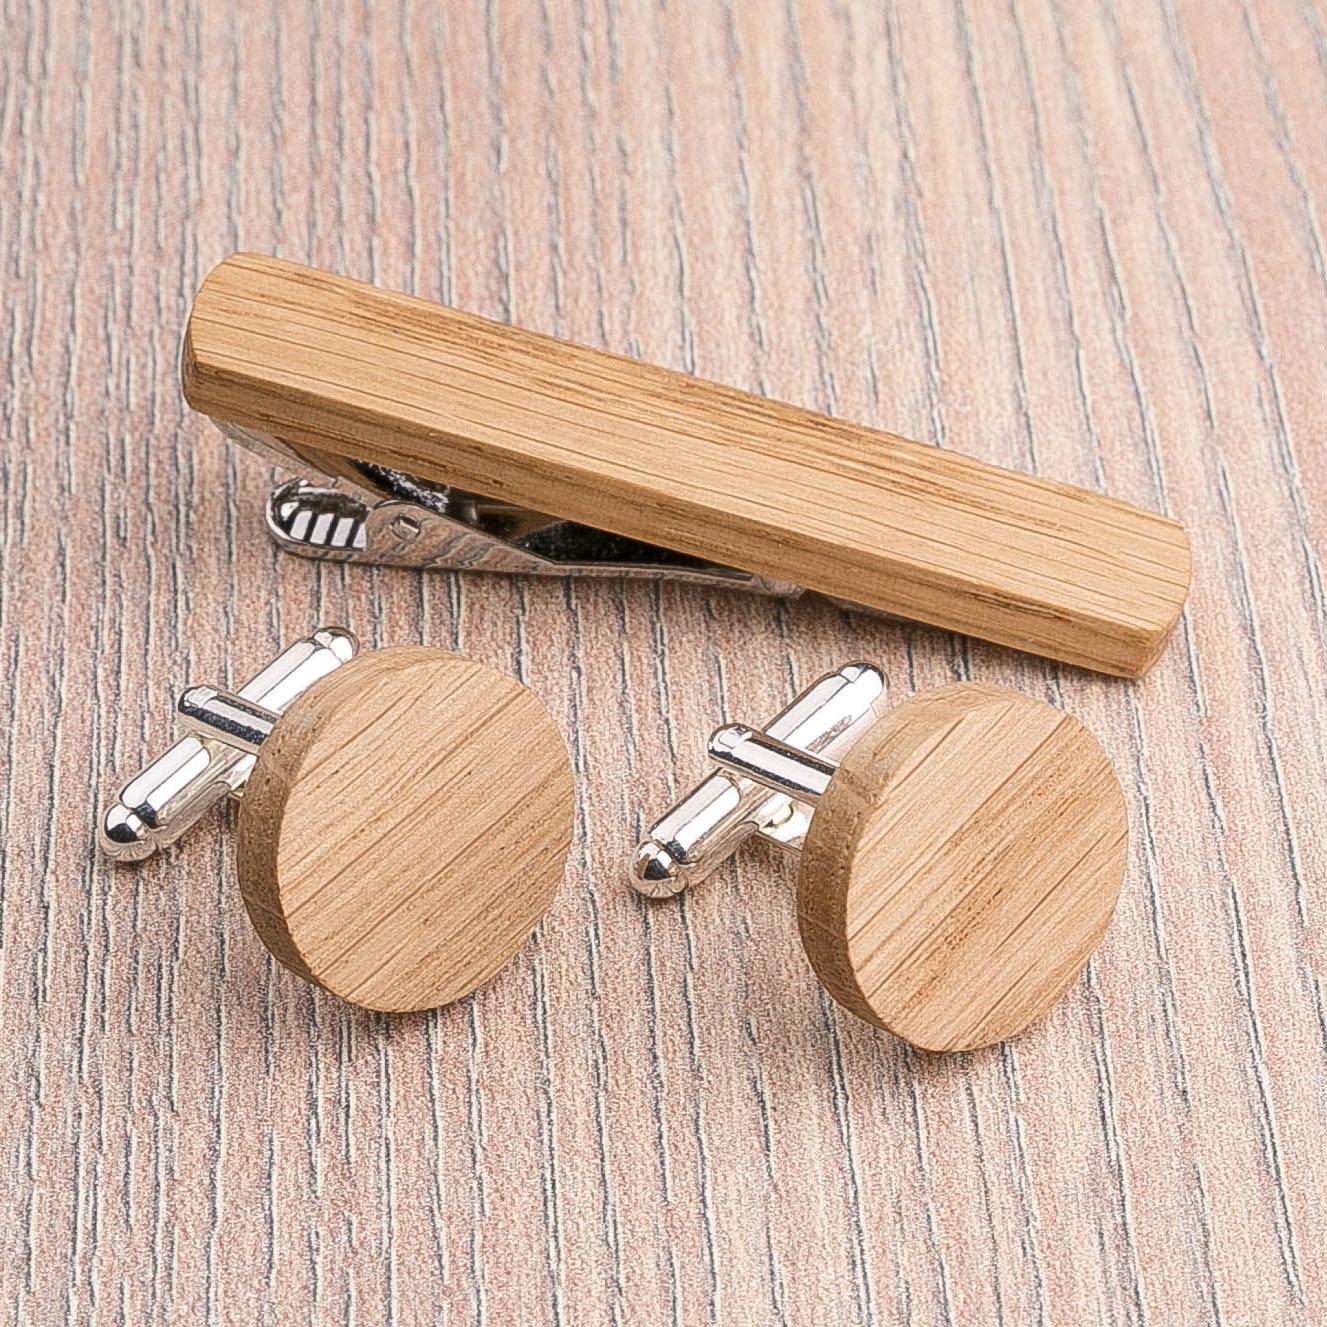 Комплект: Круглые запонки из дерева и Деревянный зажим для галстука. Массив дуба. Гравировка инициалов. Упаковка в комплекте CufflinksSet-RoundOak